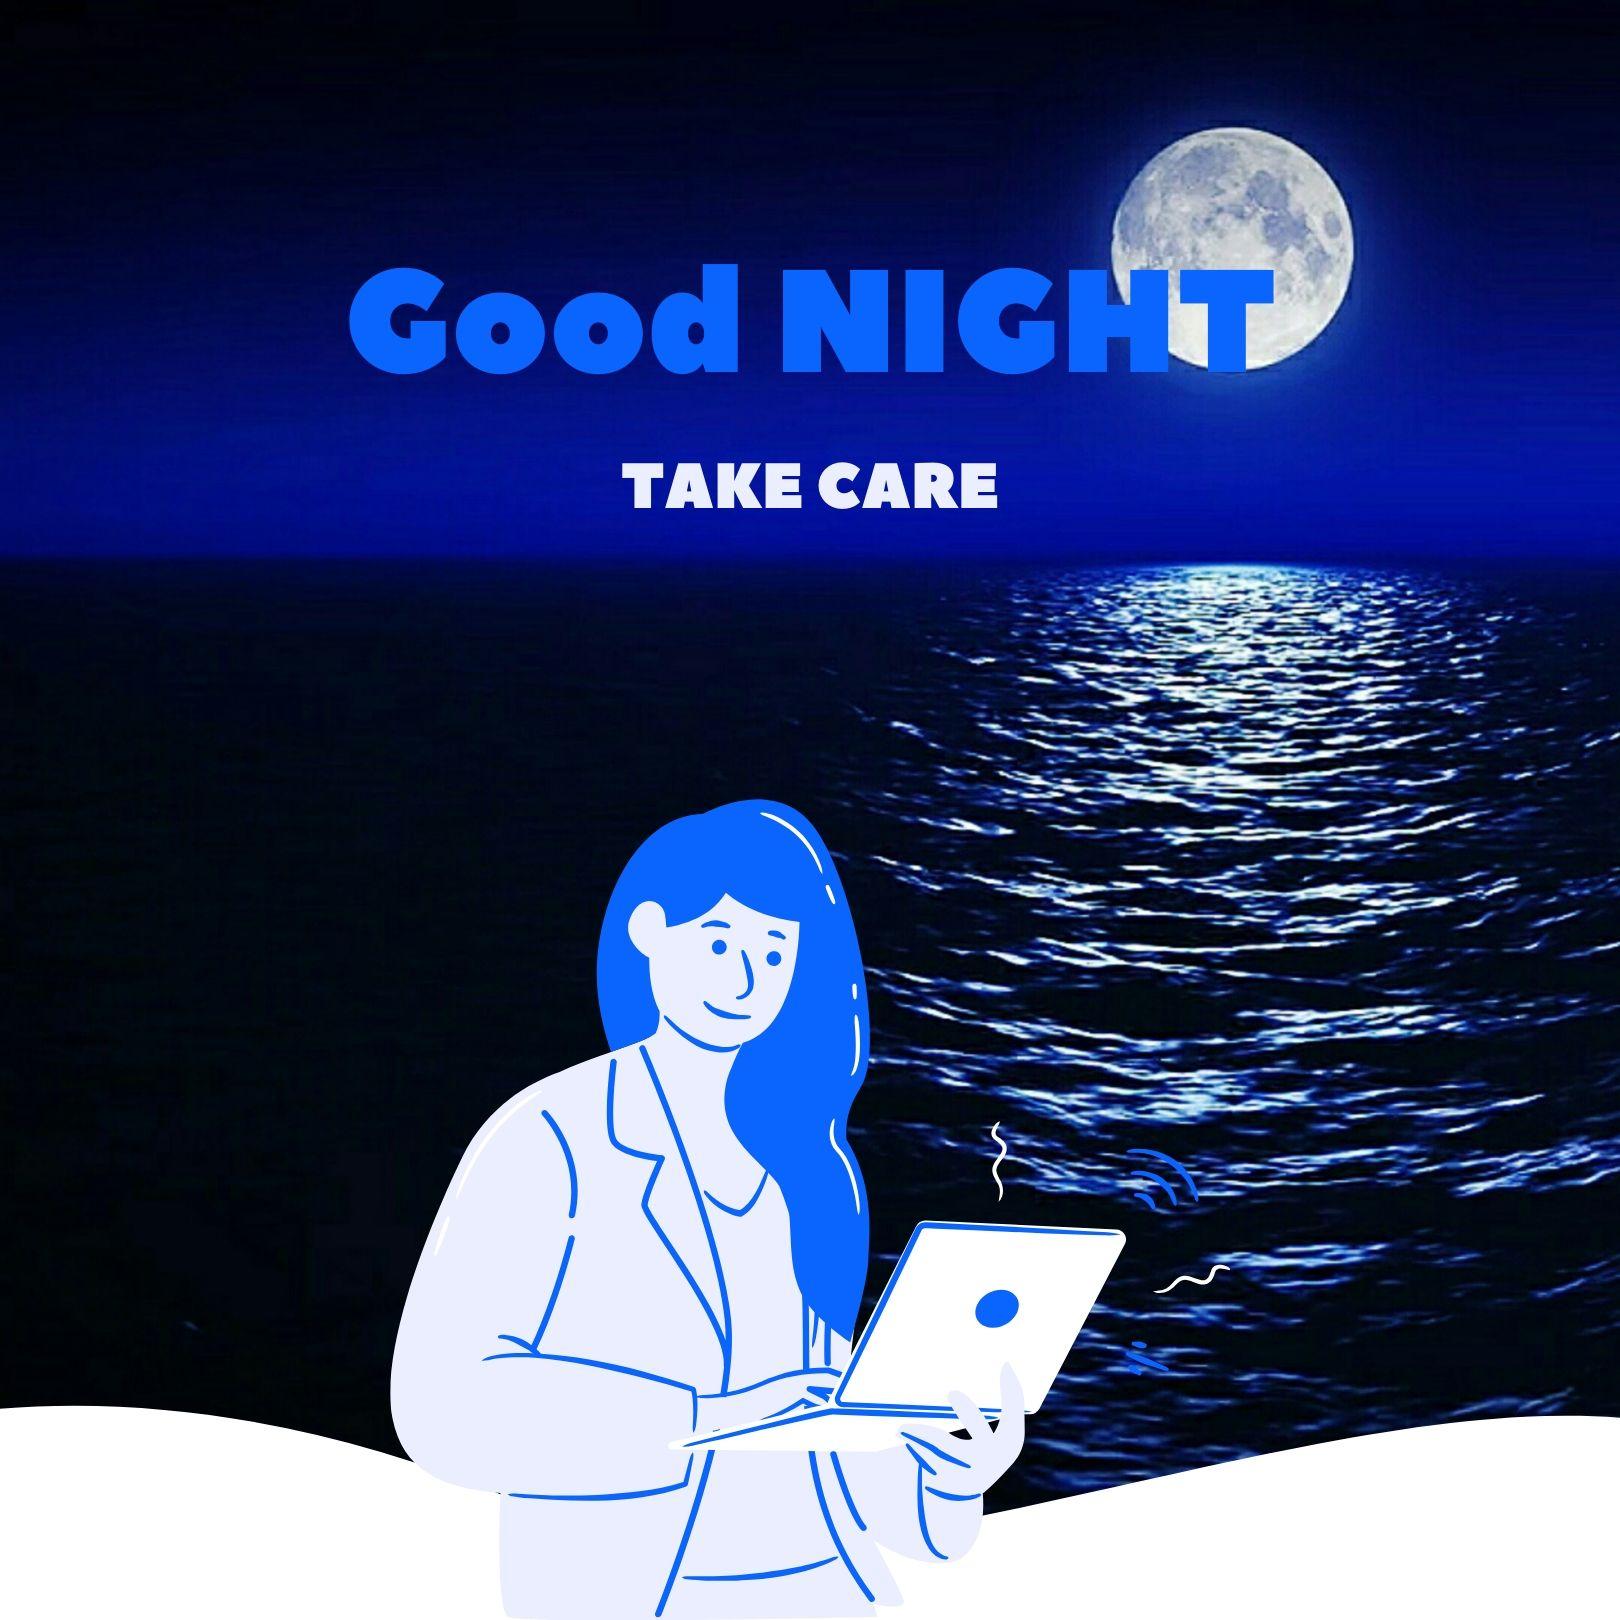 Good Night take care image full HD free download.